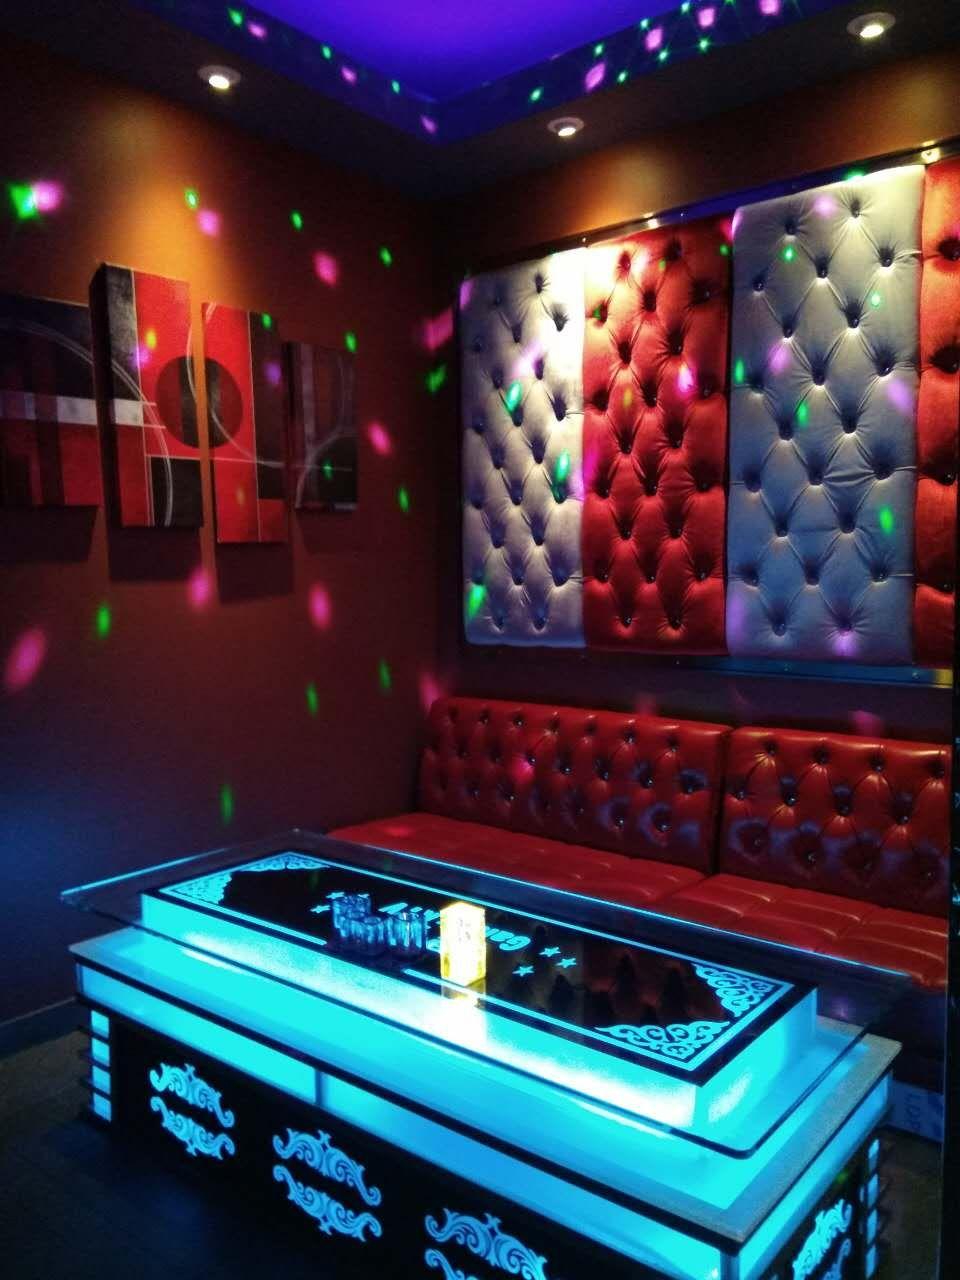 Galaxy Karaoke In Cleveland Asiatown Karaoke Room Movie Room Vip Room